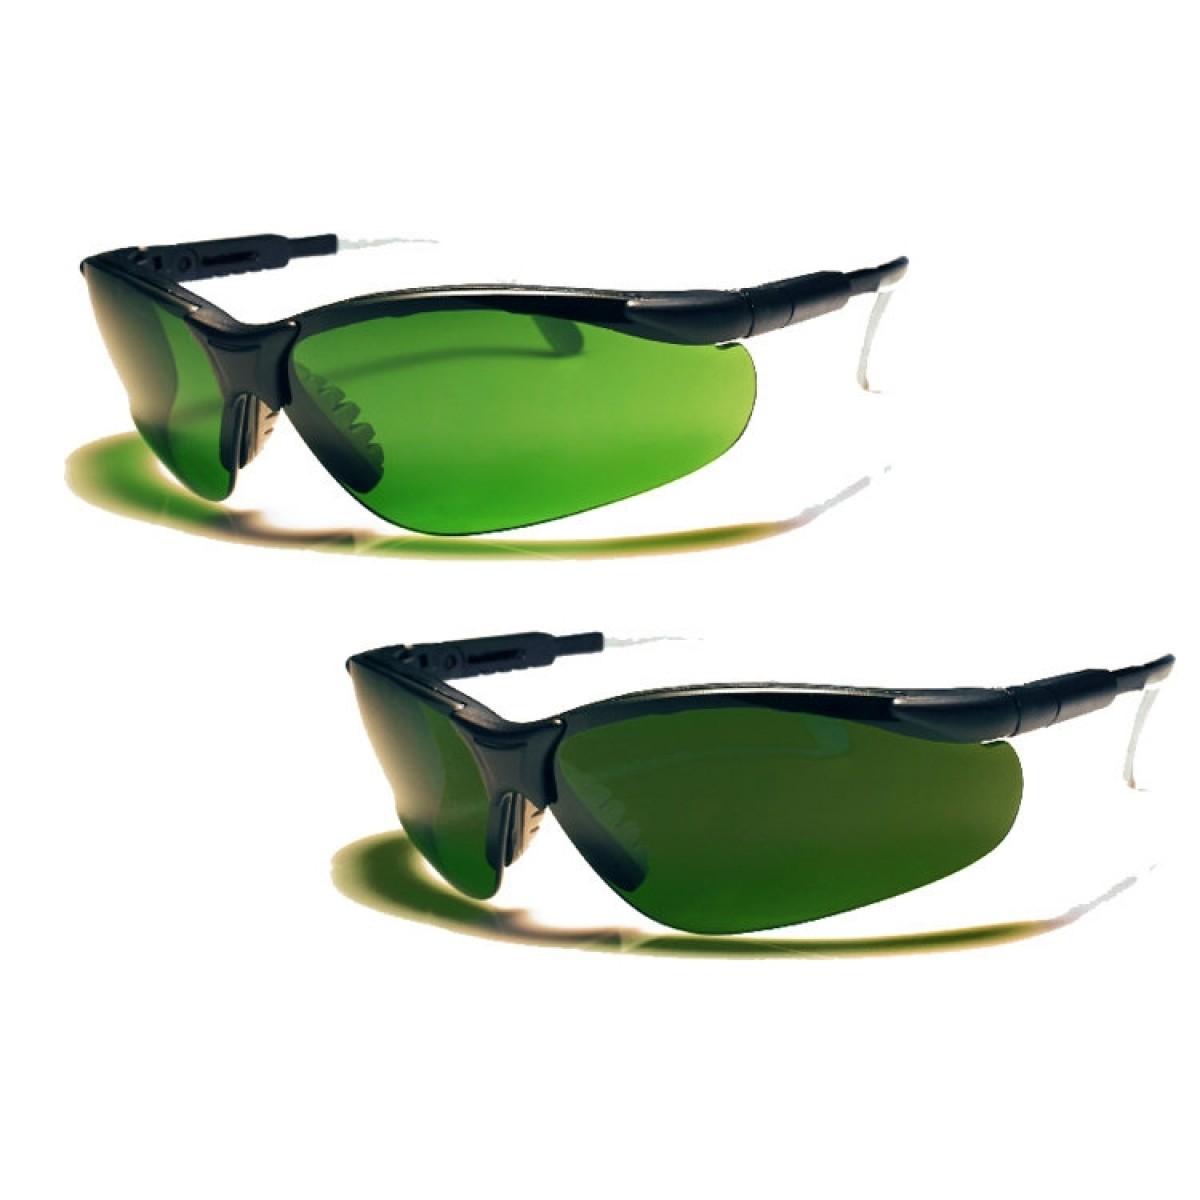 Svejsebriller Zekler 55-31